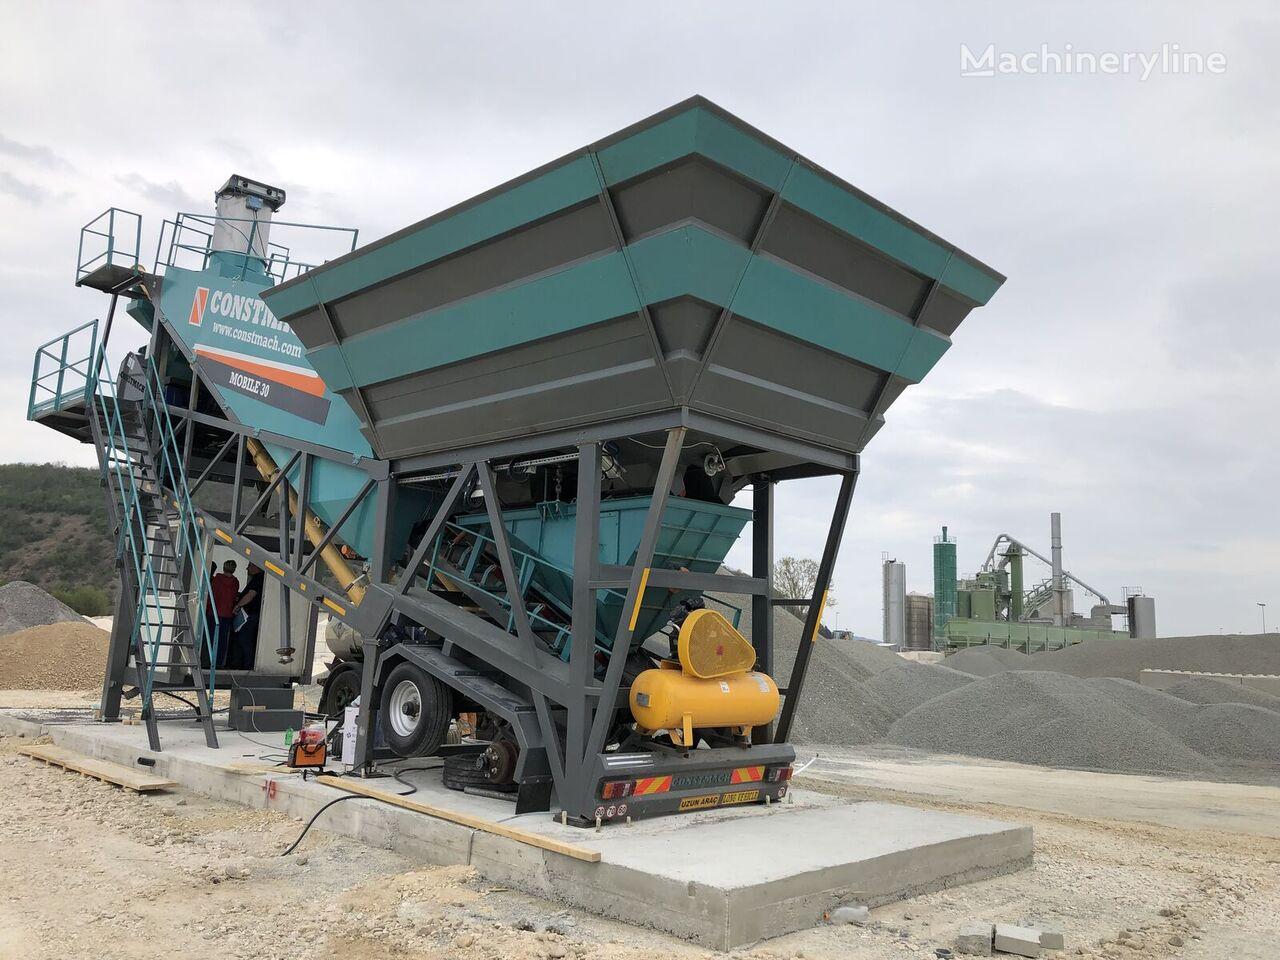 новый бетонный завод CONSTMACH 30 m3/h MOBILE CONCRETE PLANT, BEST PRICE & QUALITY